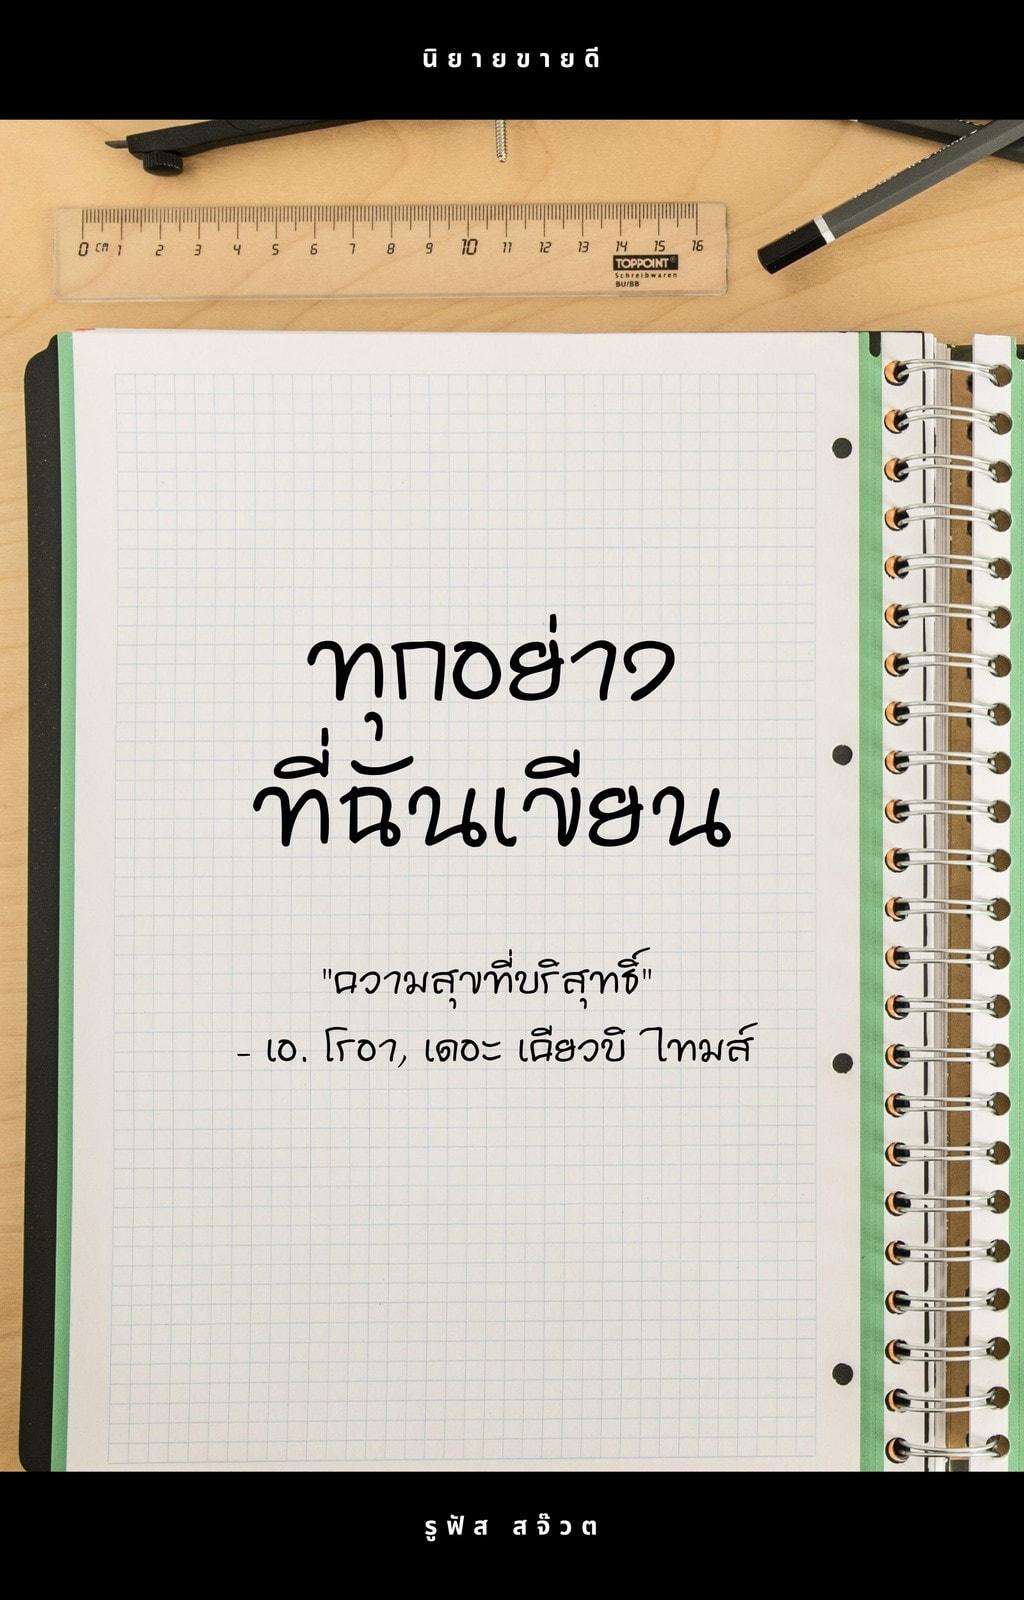 ปกหนังสือ สมุดบันทึก แผ่นกระดาษโน้ตและดินสอ สีขาว